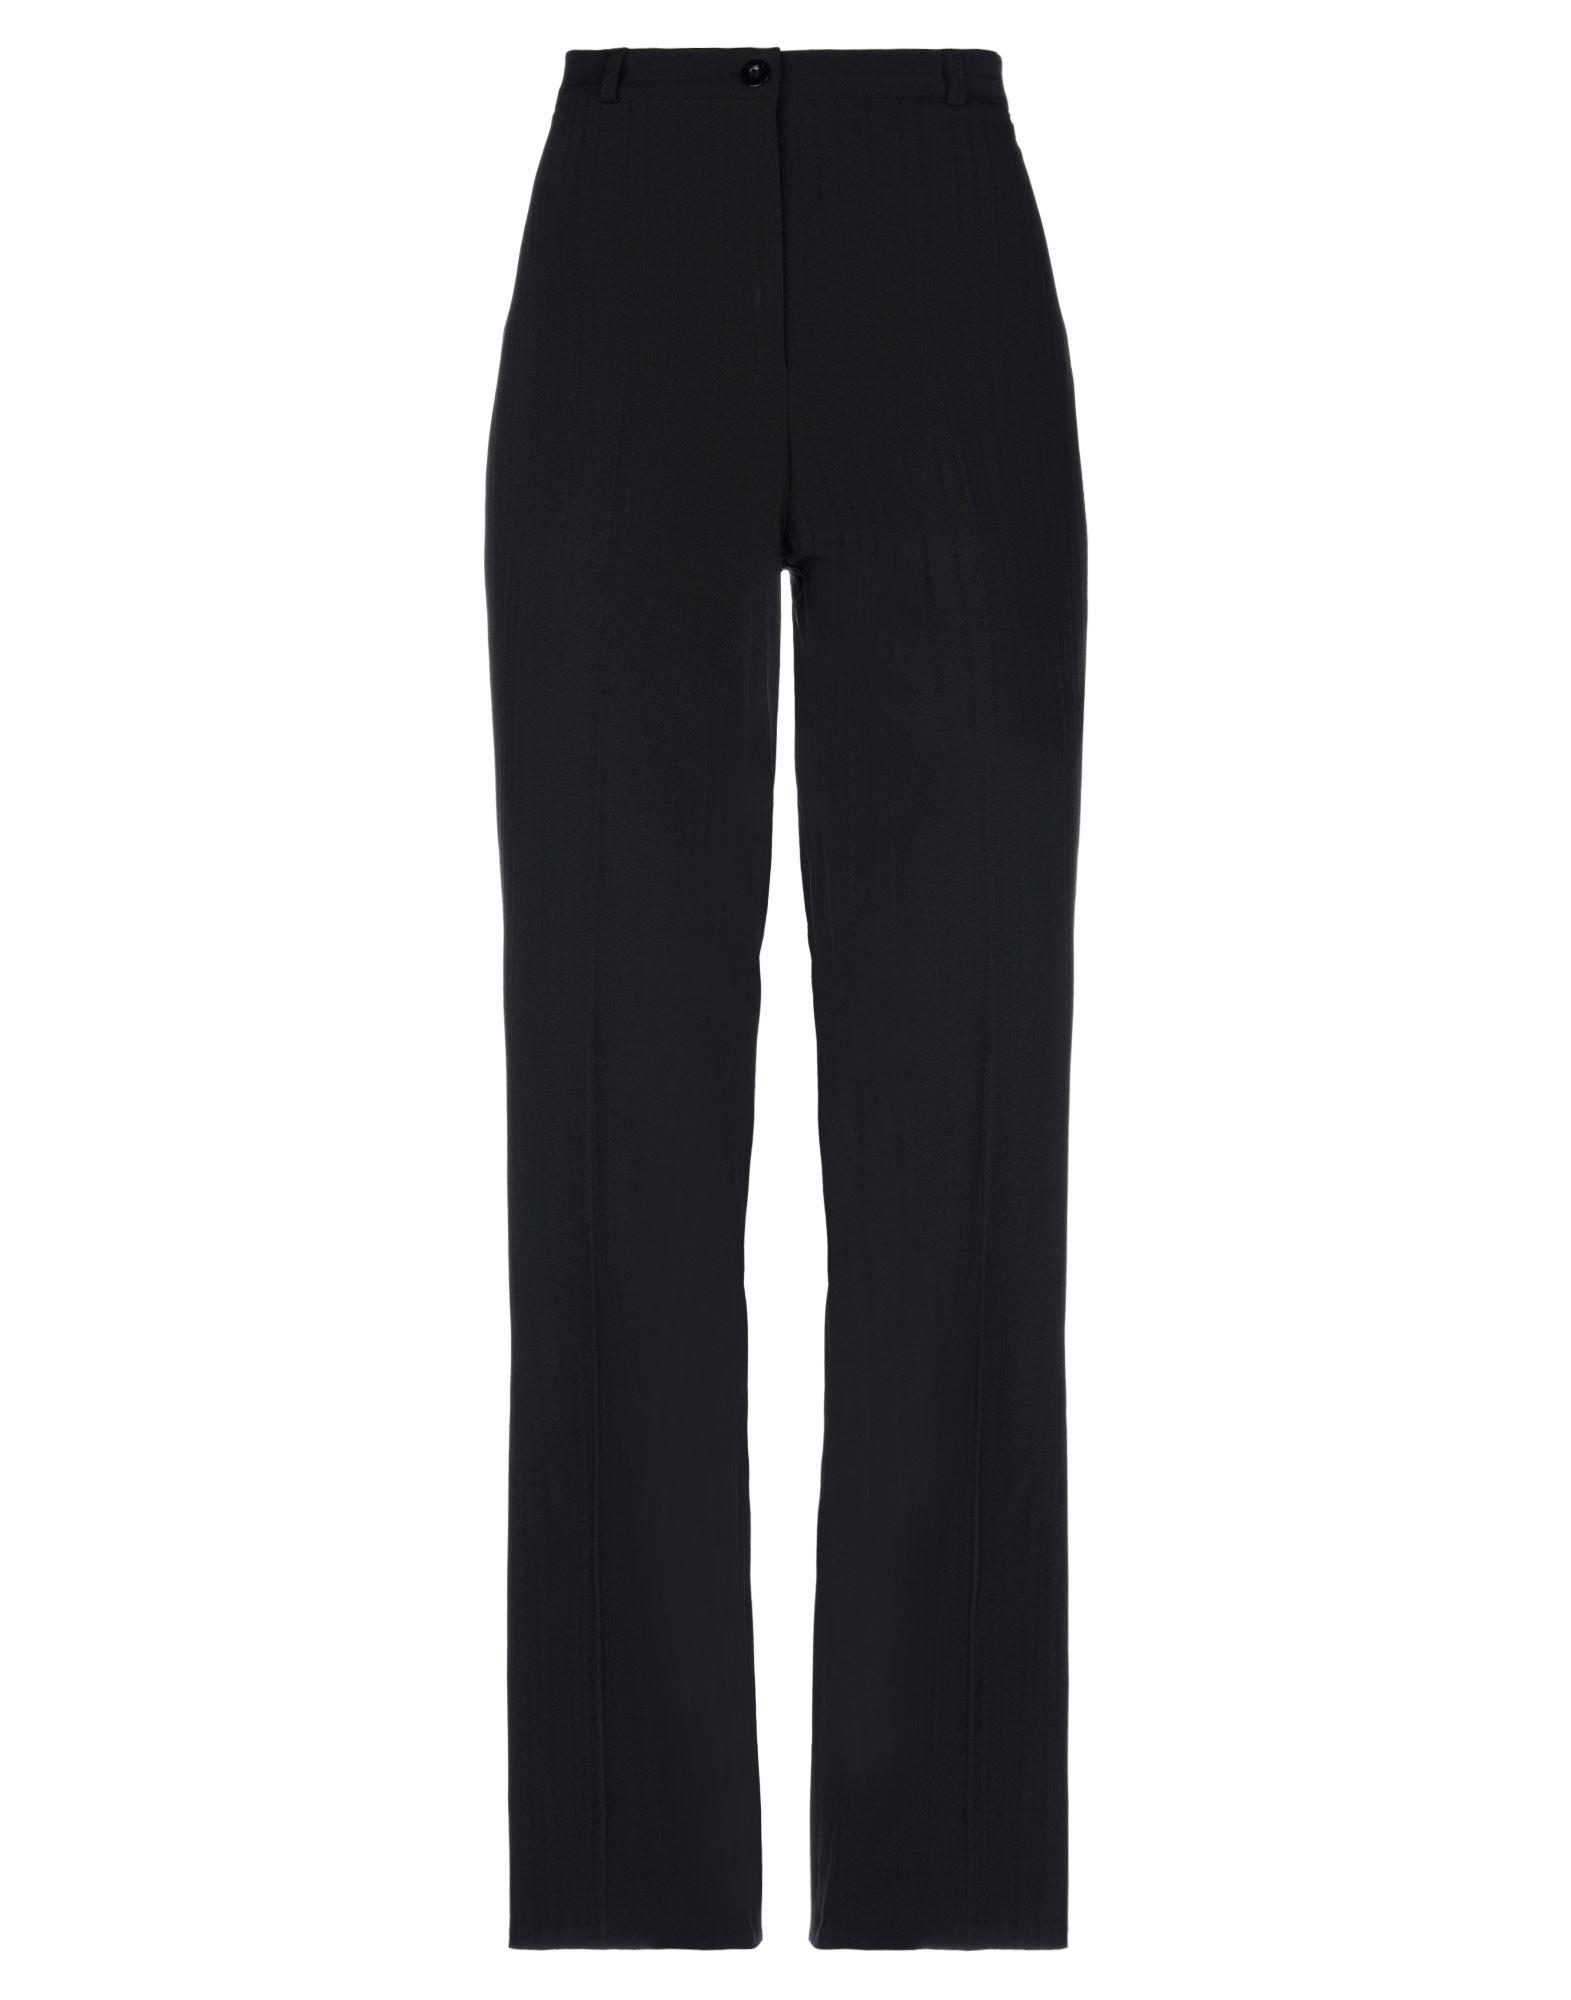 sarah chole for bad girl пиджак SARAH CHOLE Повседневные брюки